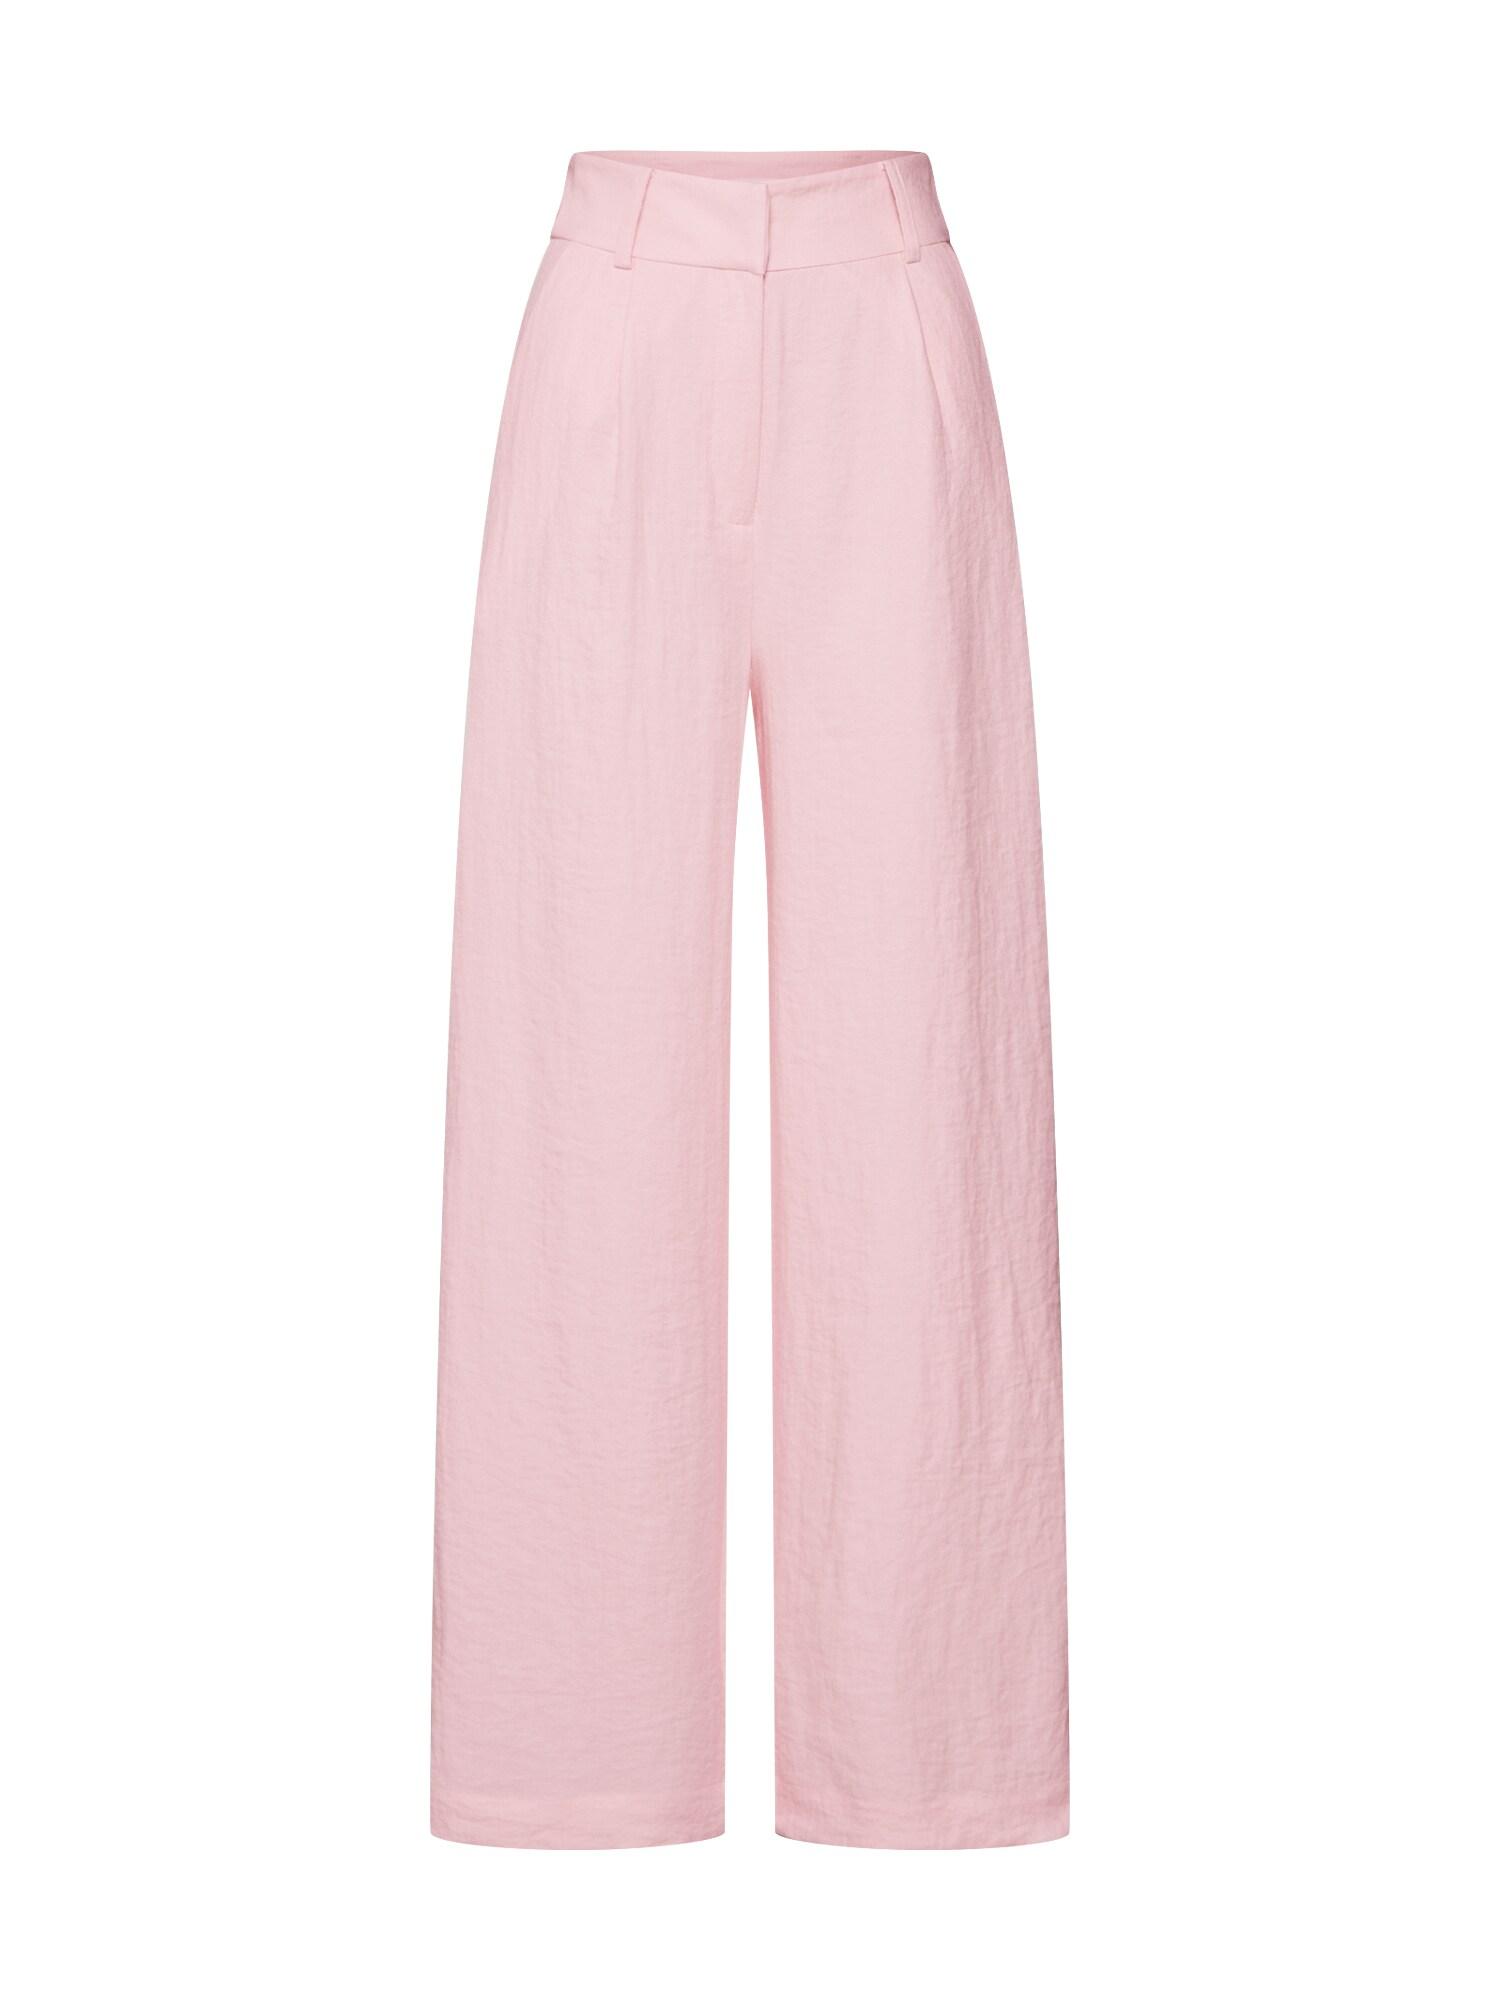 EDITED Klostuotos kelnės 'Juna' rožinė